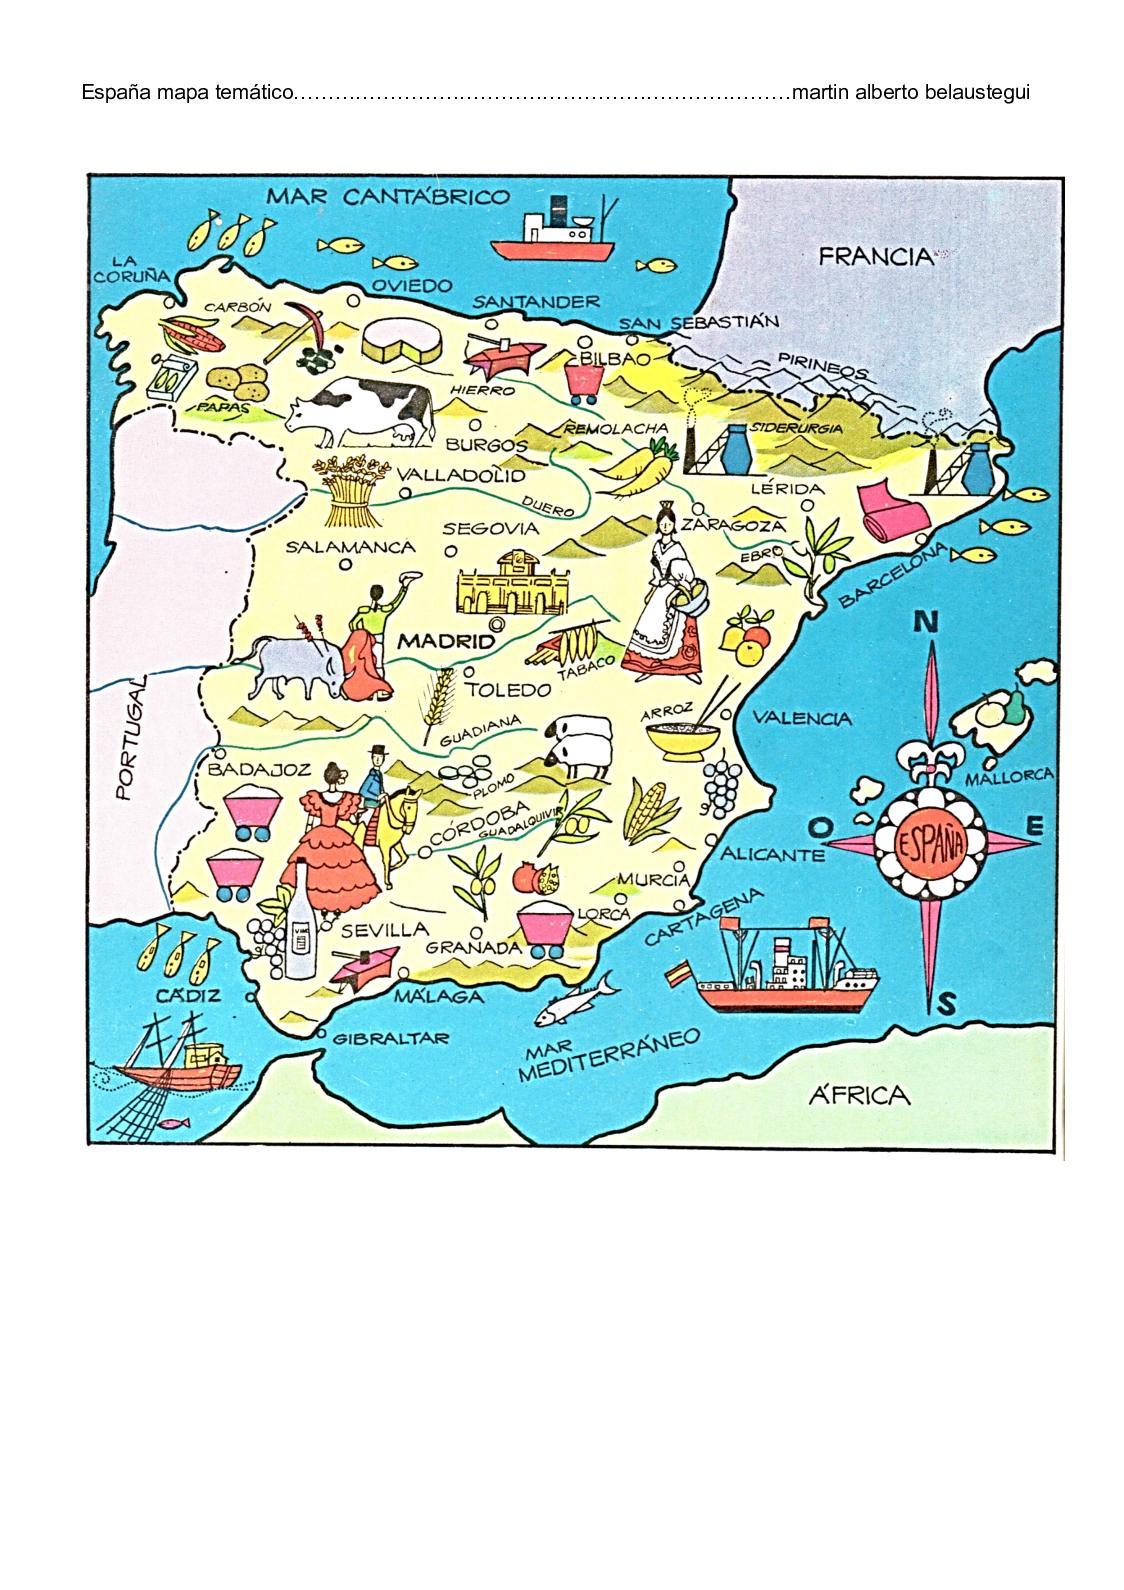 Mapa Tematico De Espana.Calameo Espana Mapa Tematico